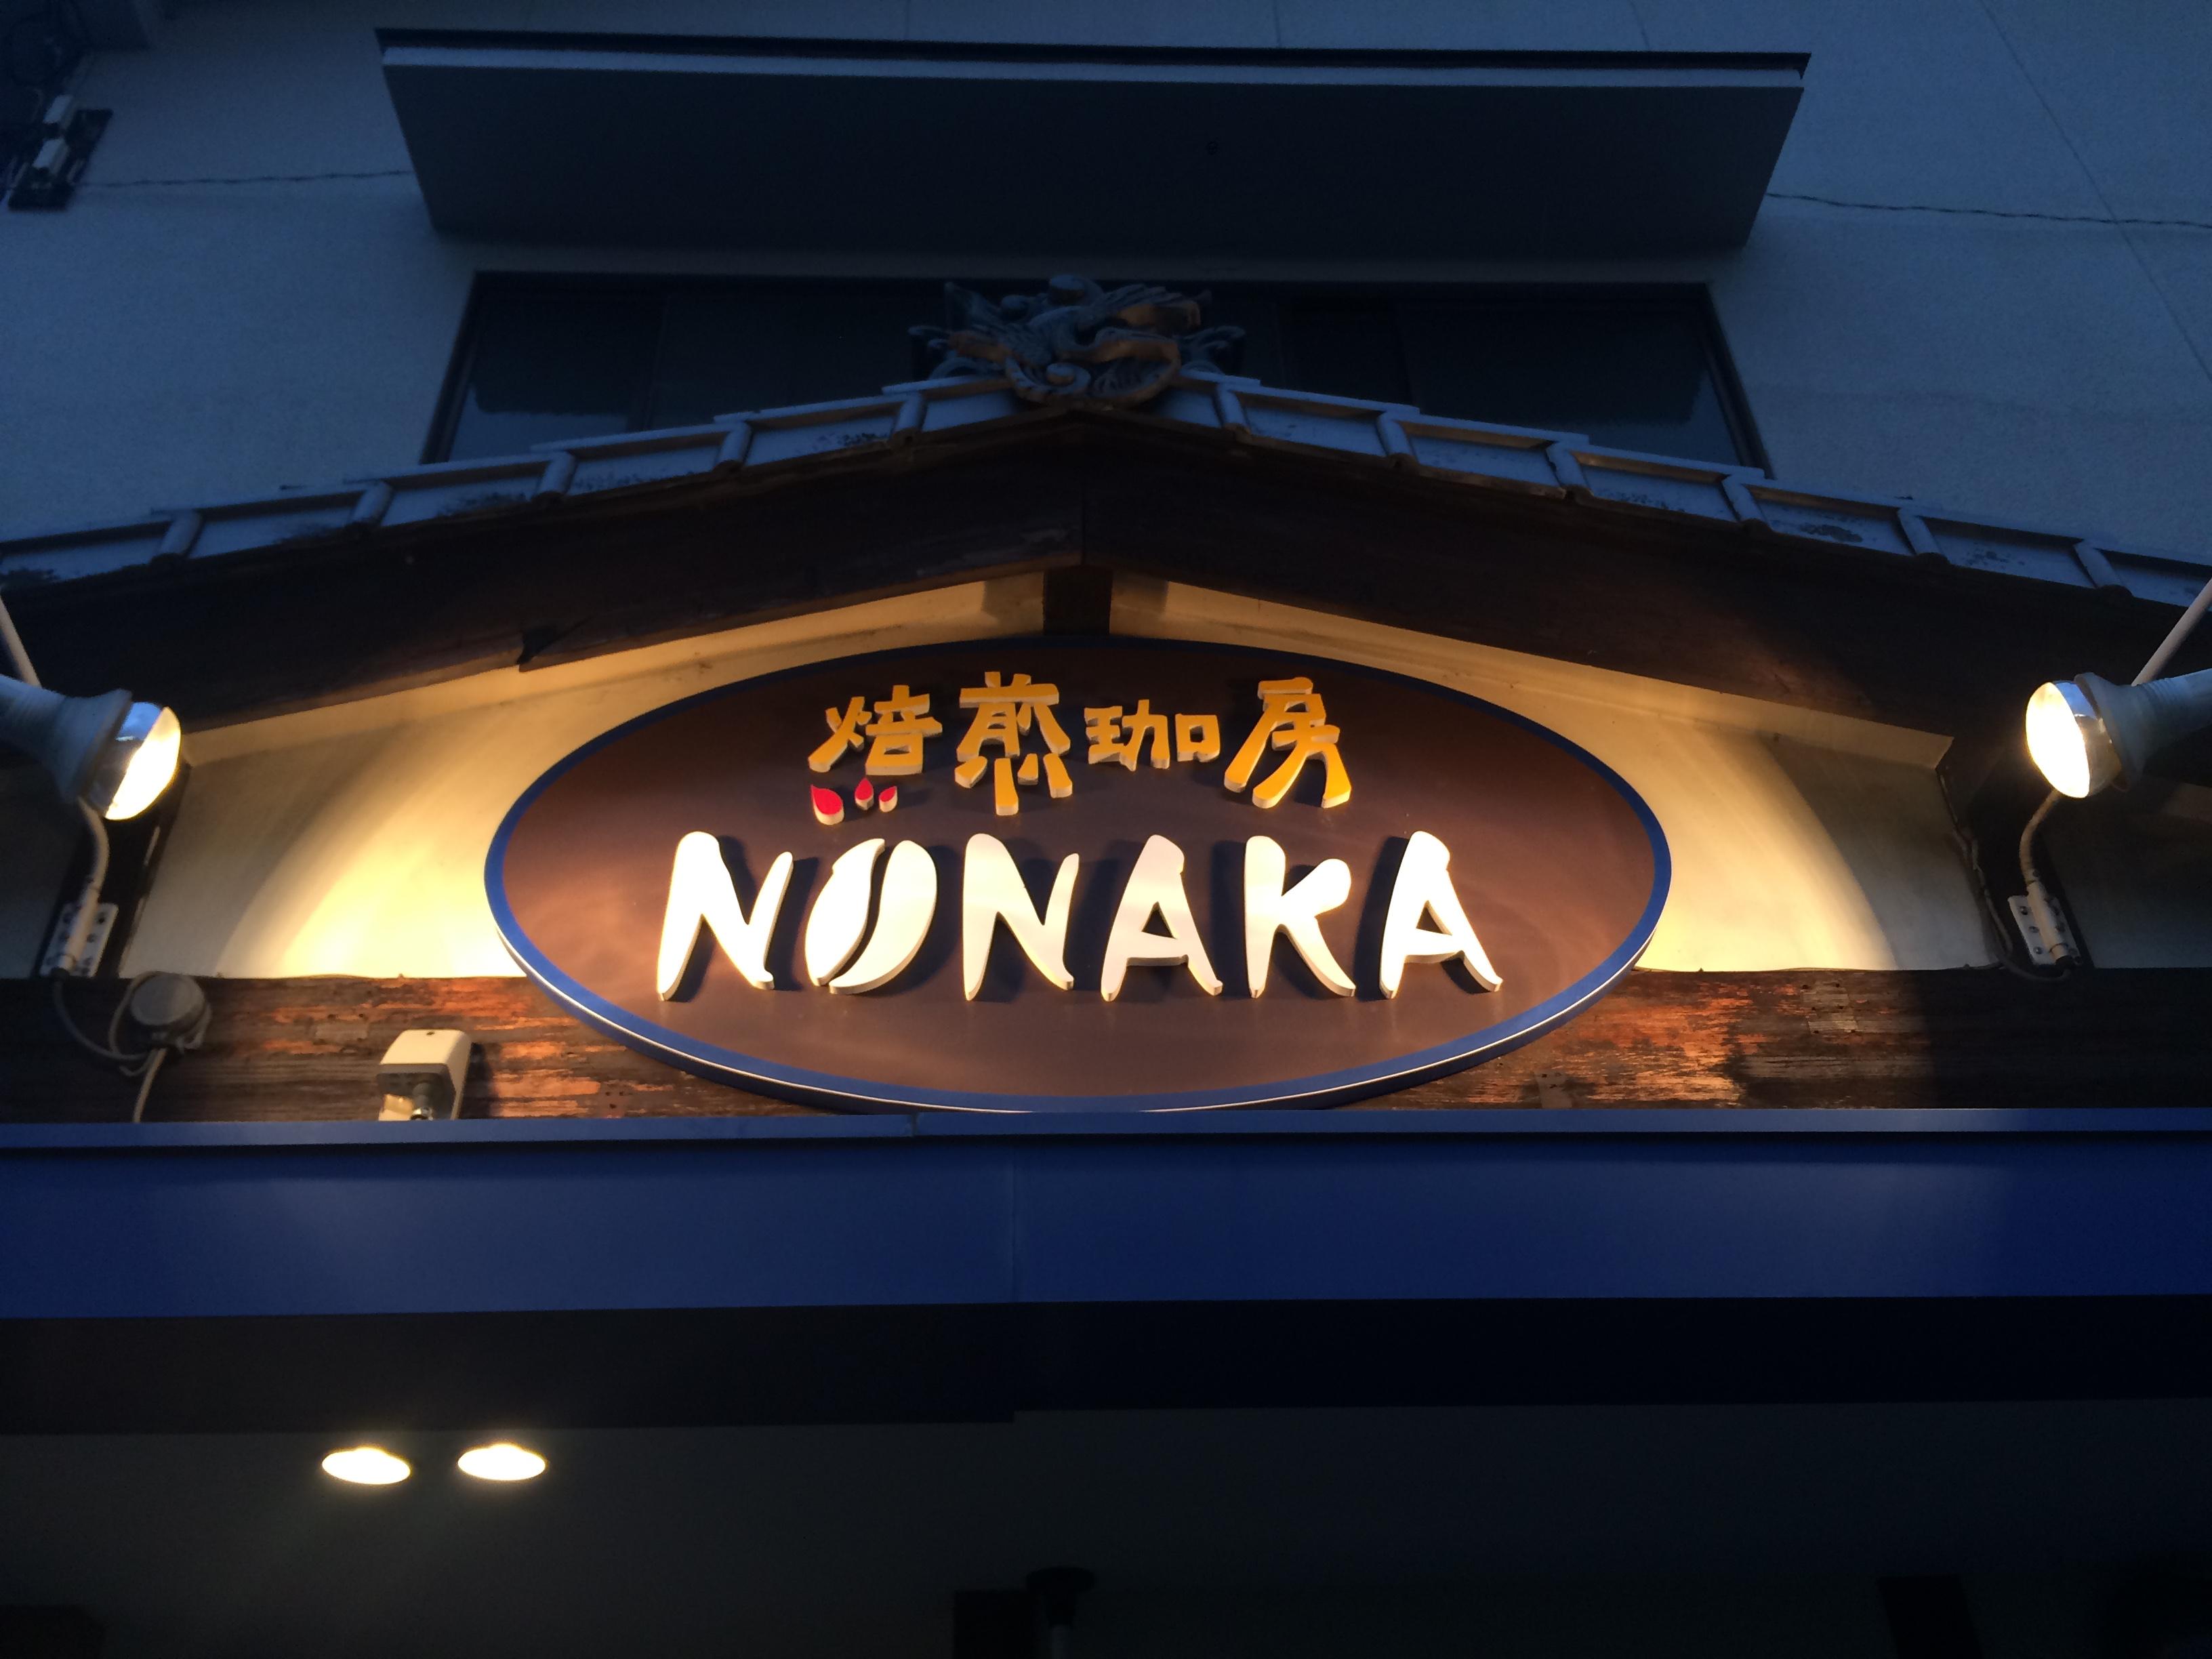 コーヒー好き必見!松山にある「焙煎珈房NONAKA」で自分好みの珈琲豆を探してきたよ!